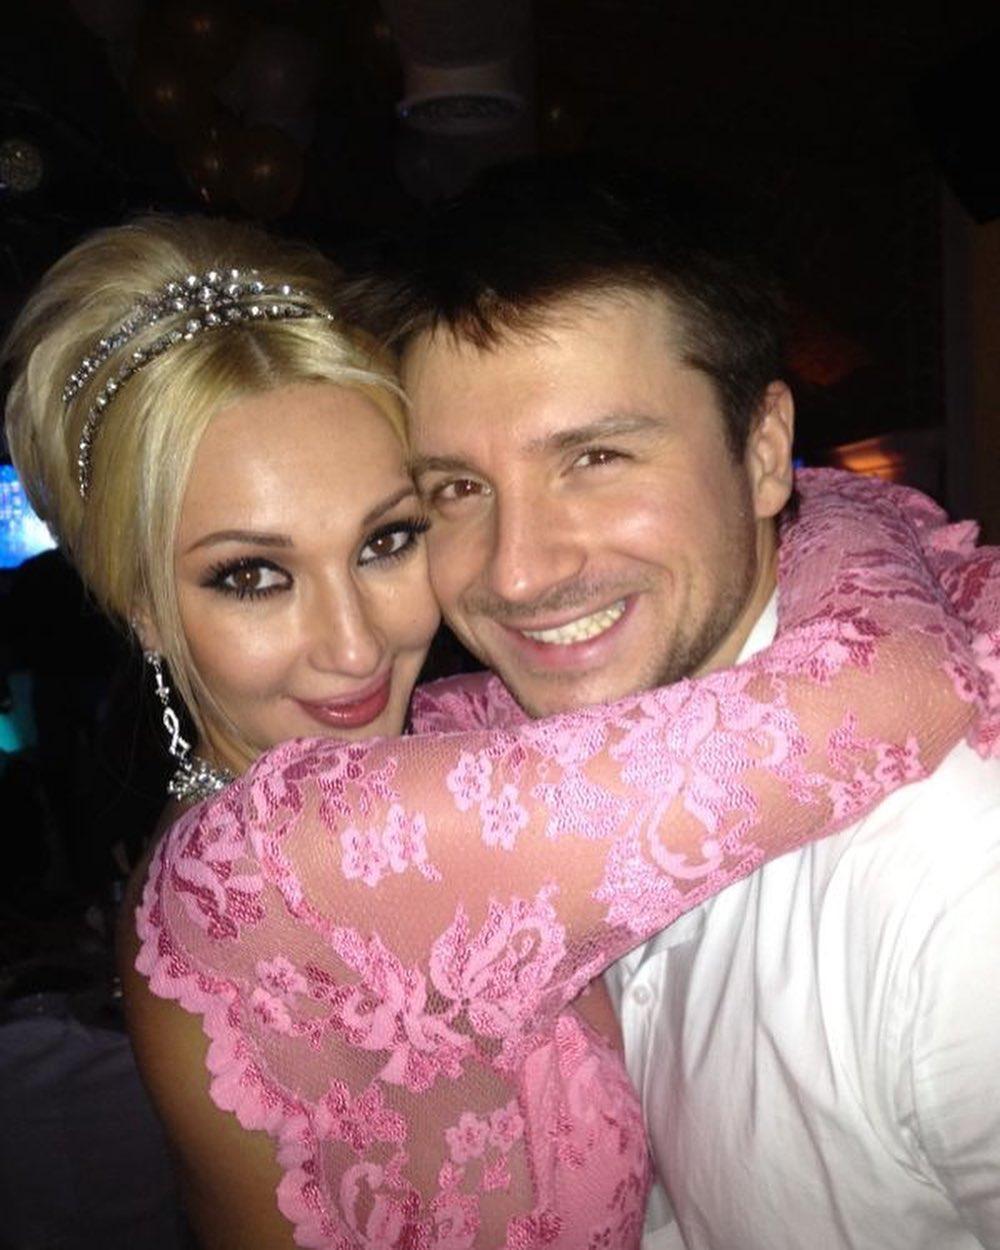 Сергей Лазарев показал подборку фото с Лерой Кудрявцевой